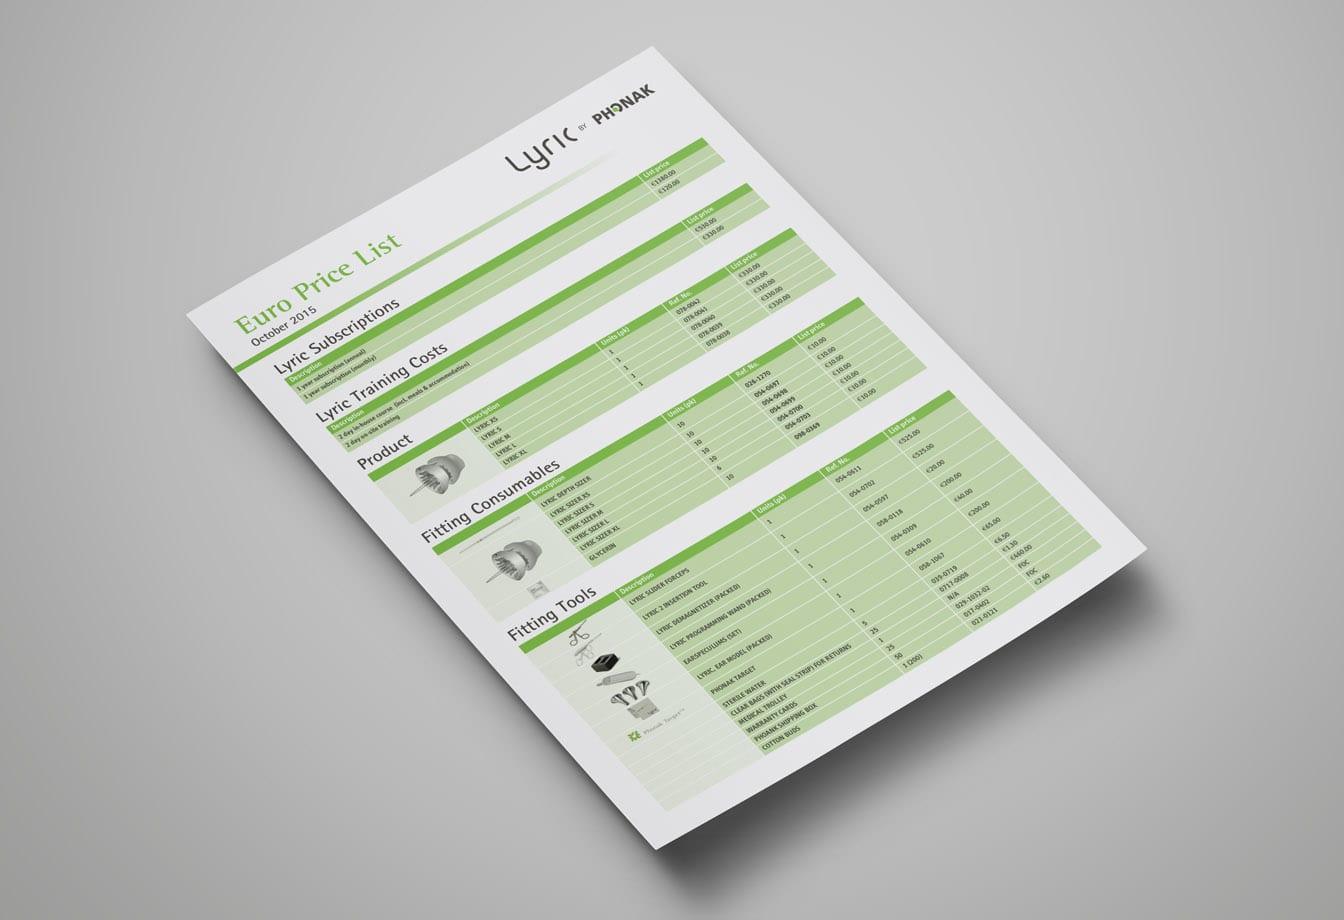 phonak price list designs diagram